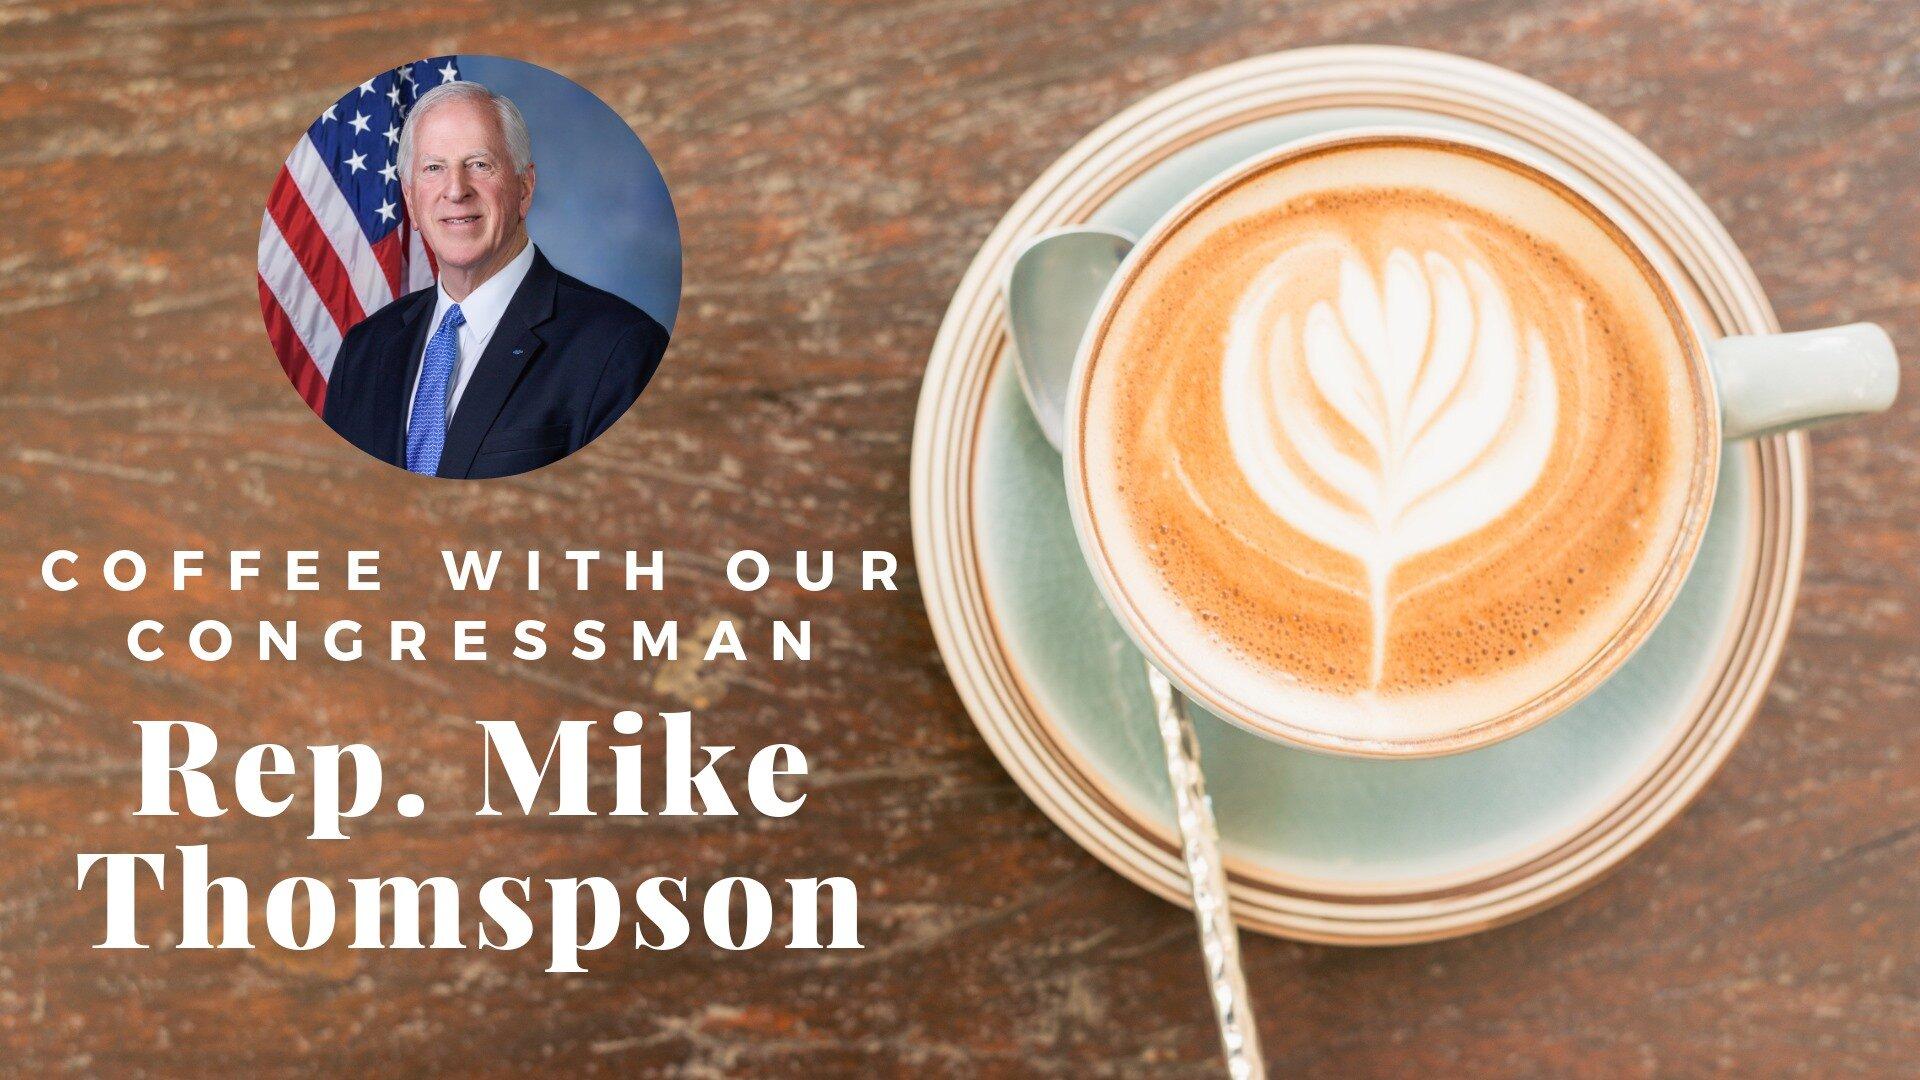 CoffeeWithMikeThompson.jpeg